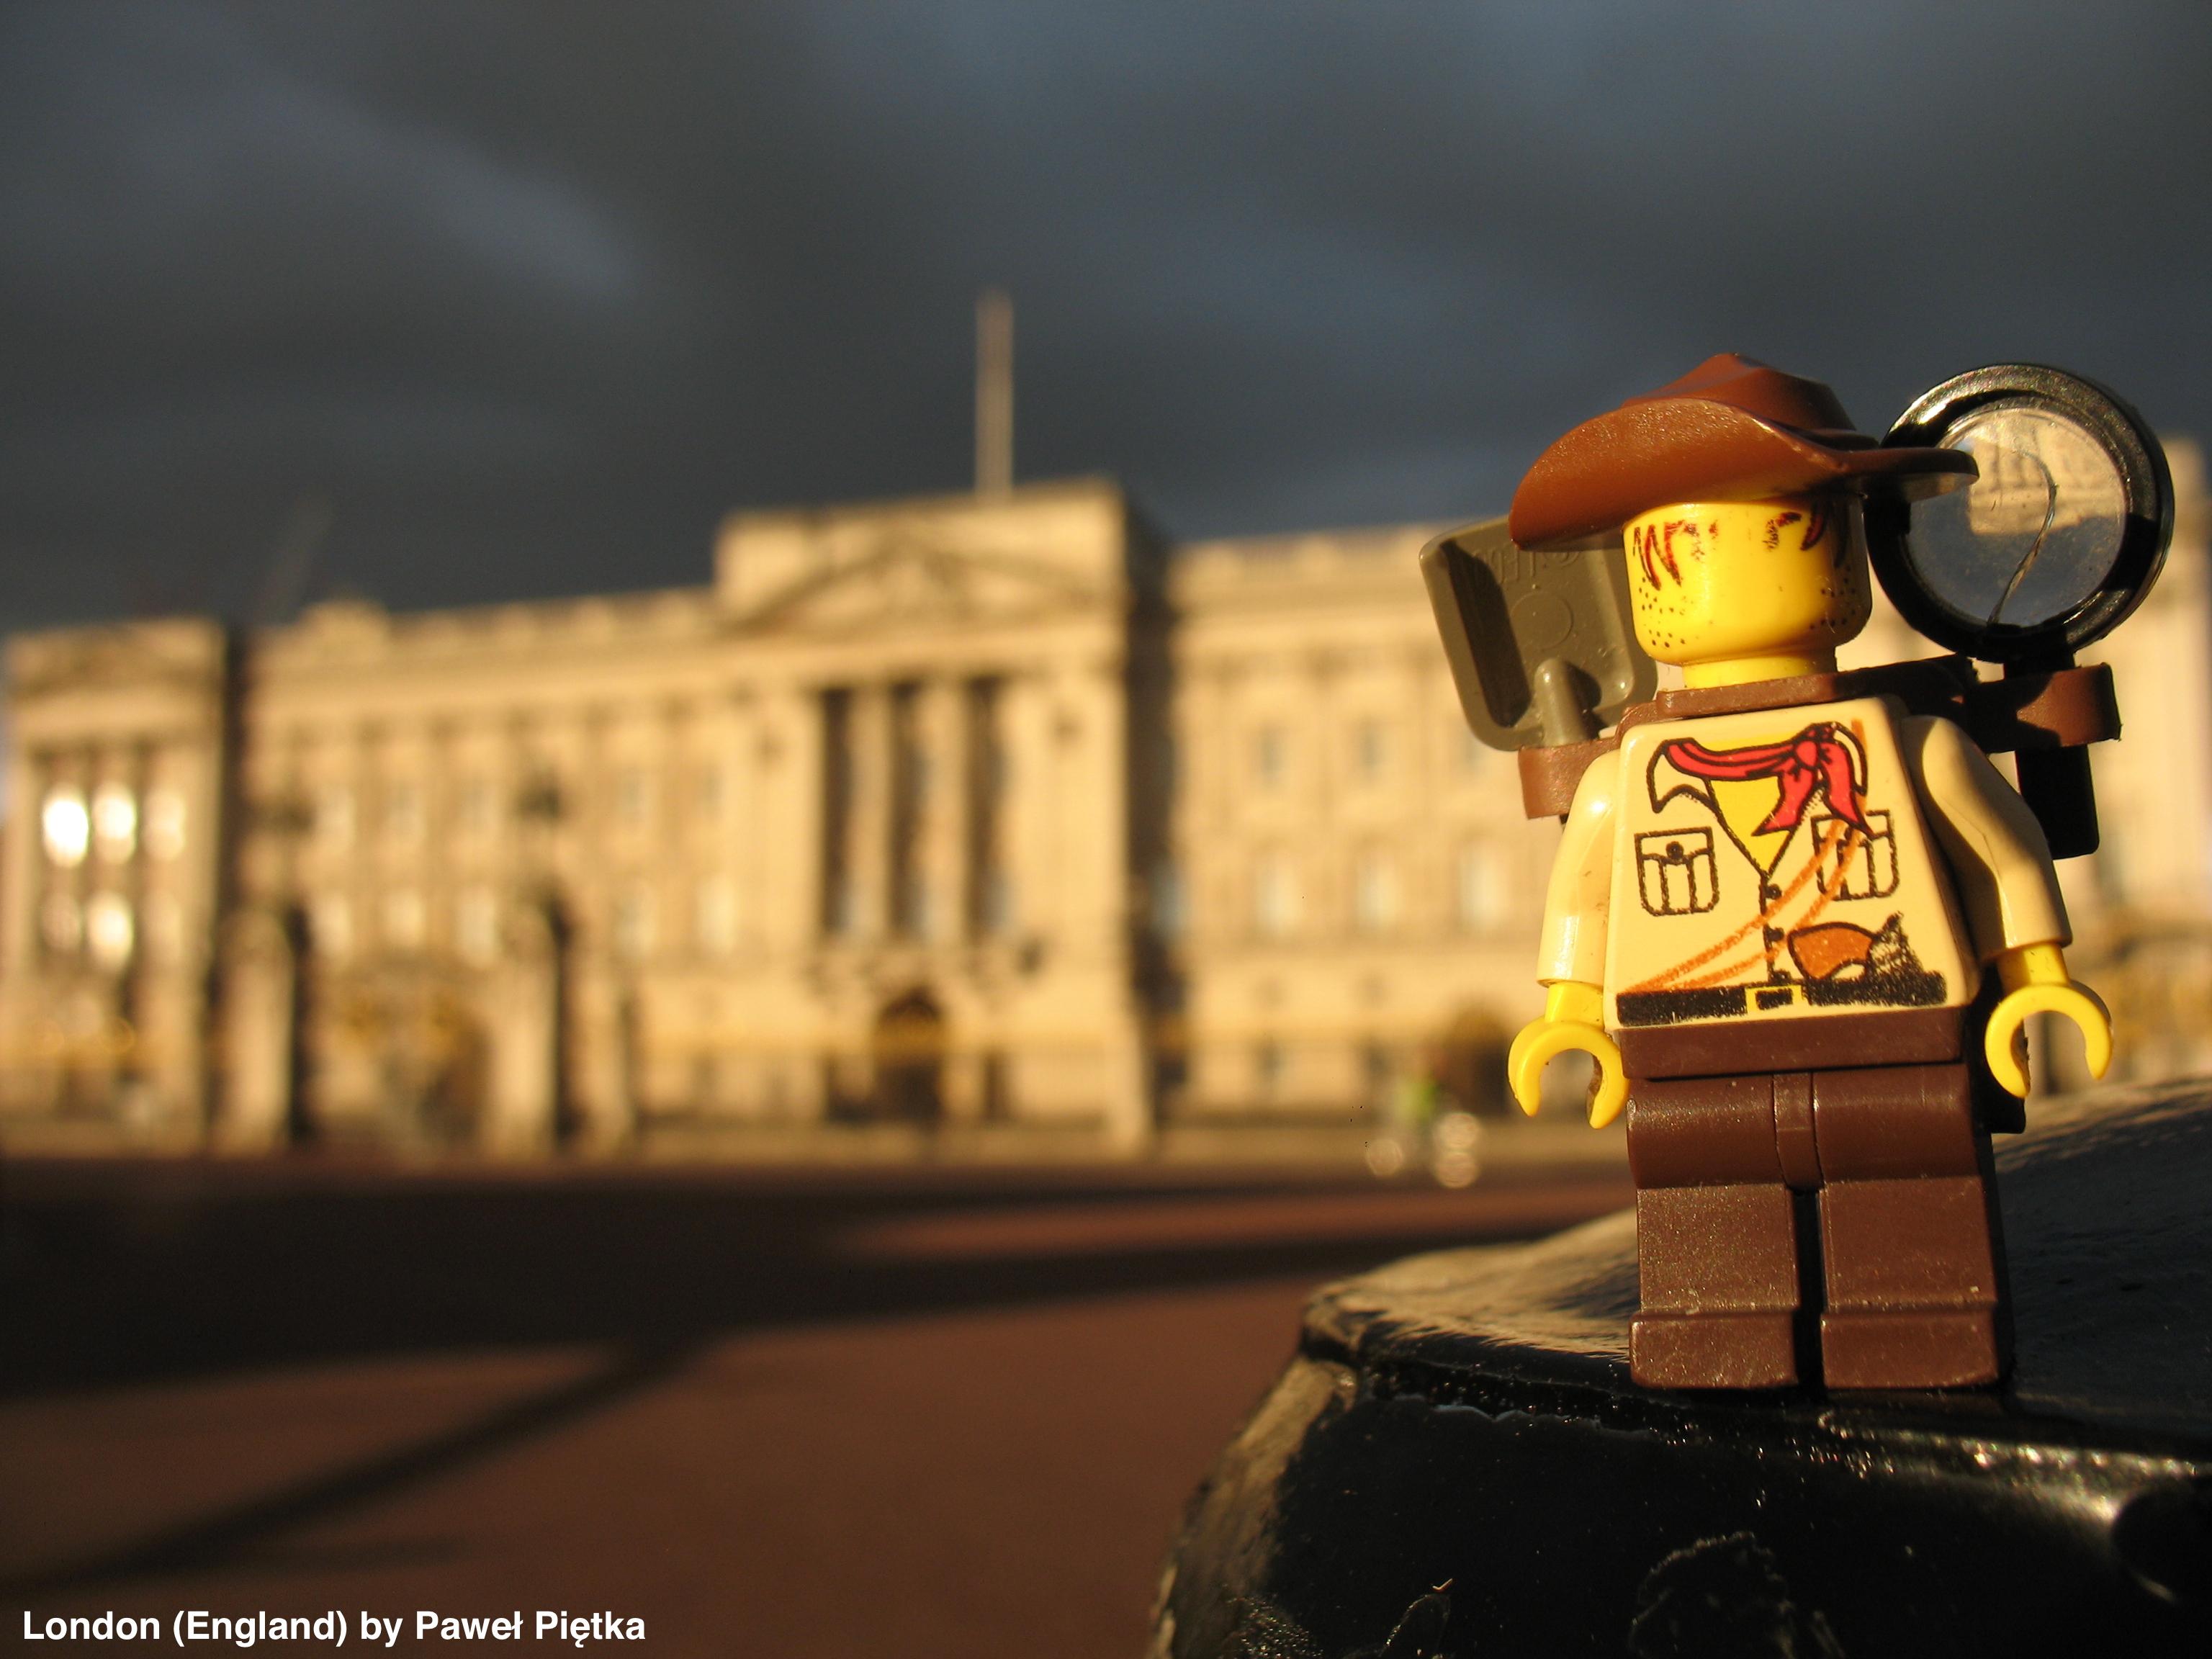 London (England) - Buckingham Palace